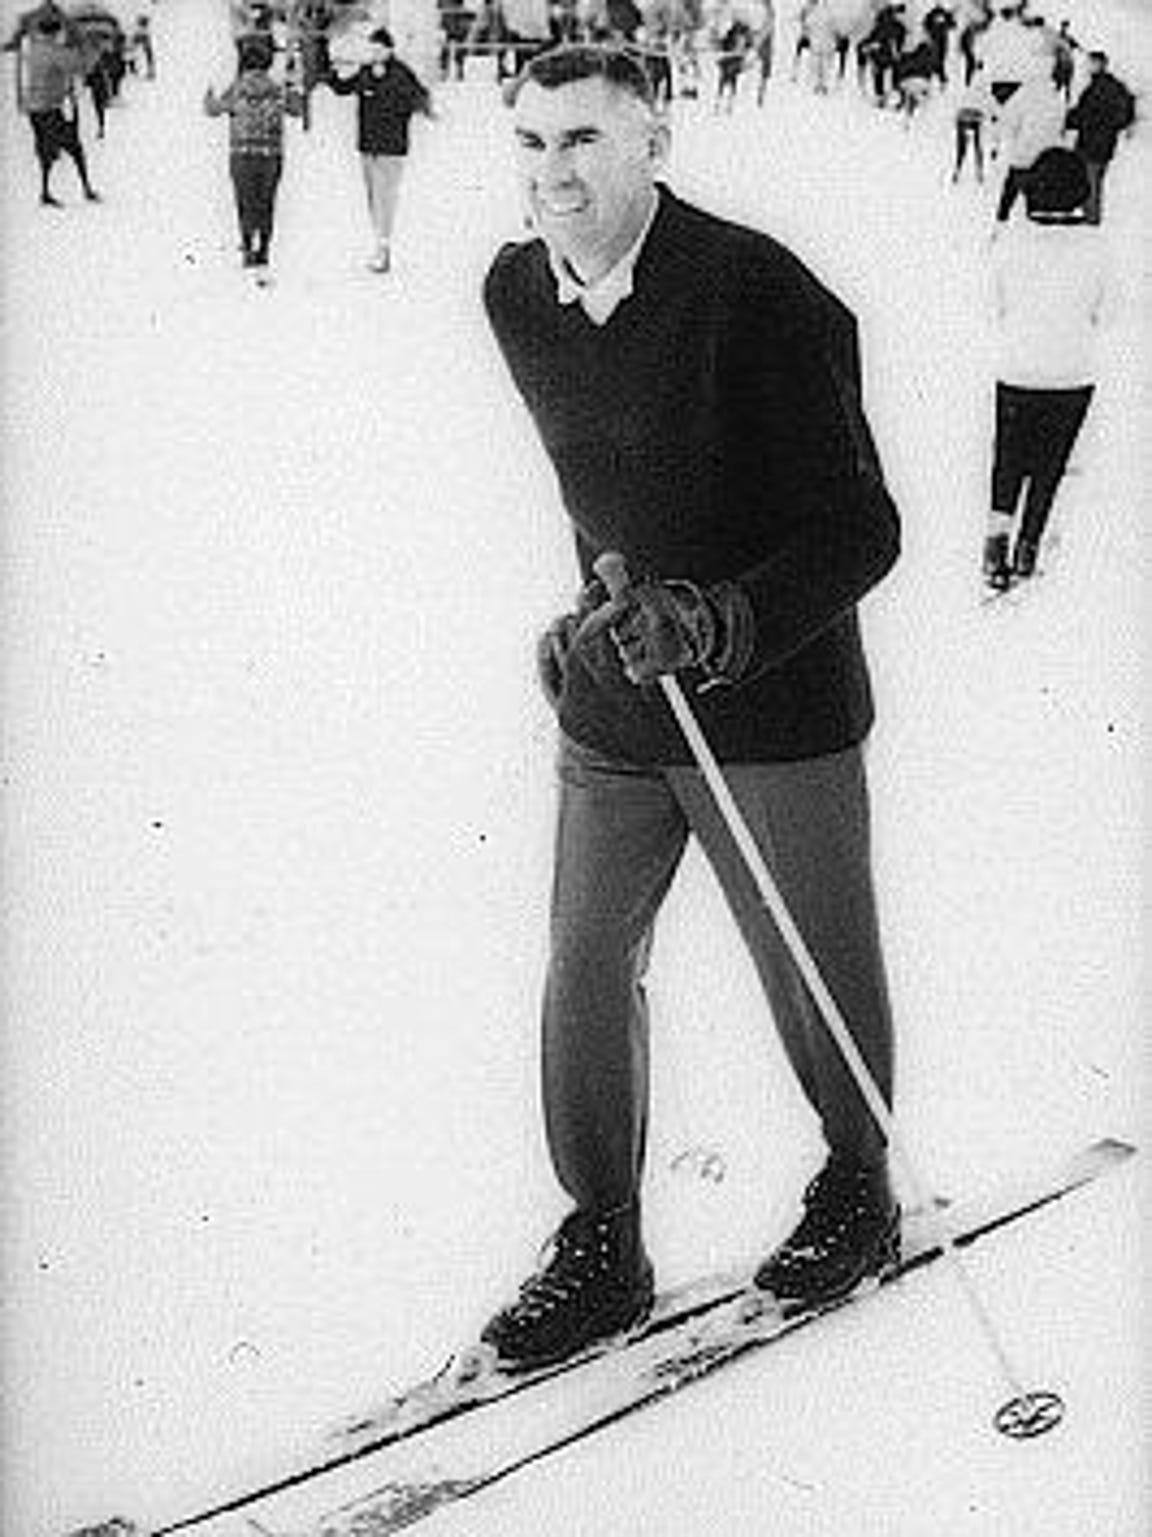 Walt Schoenknecht opened Mount Snow on Dec. 12, 1954.